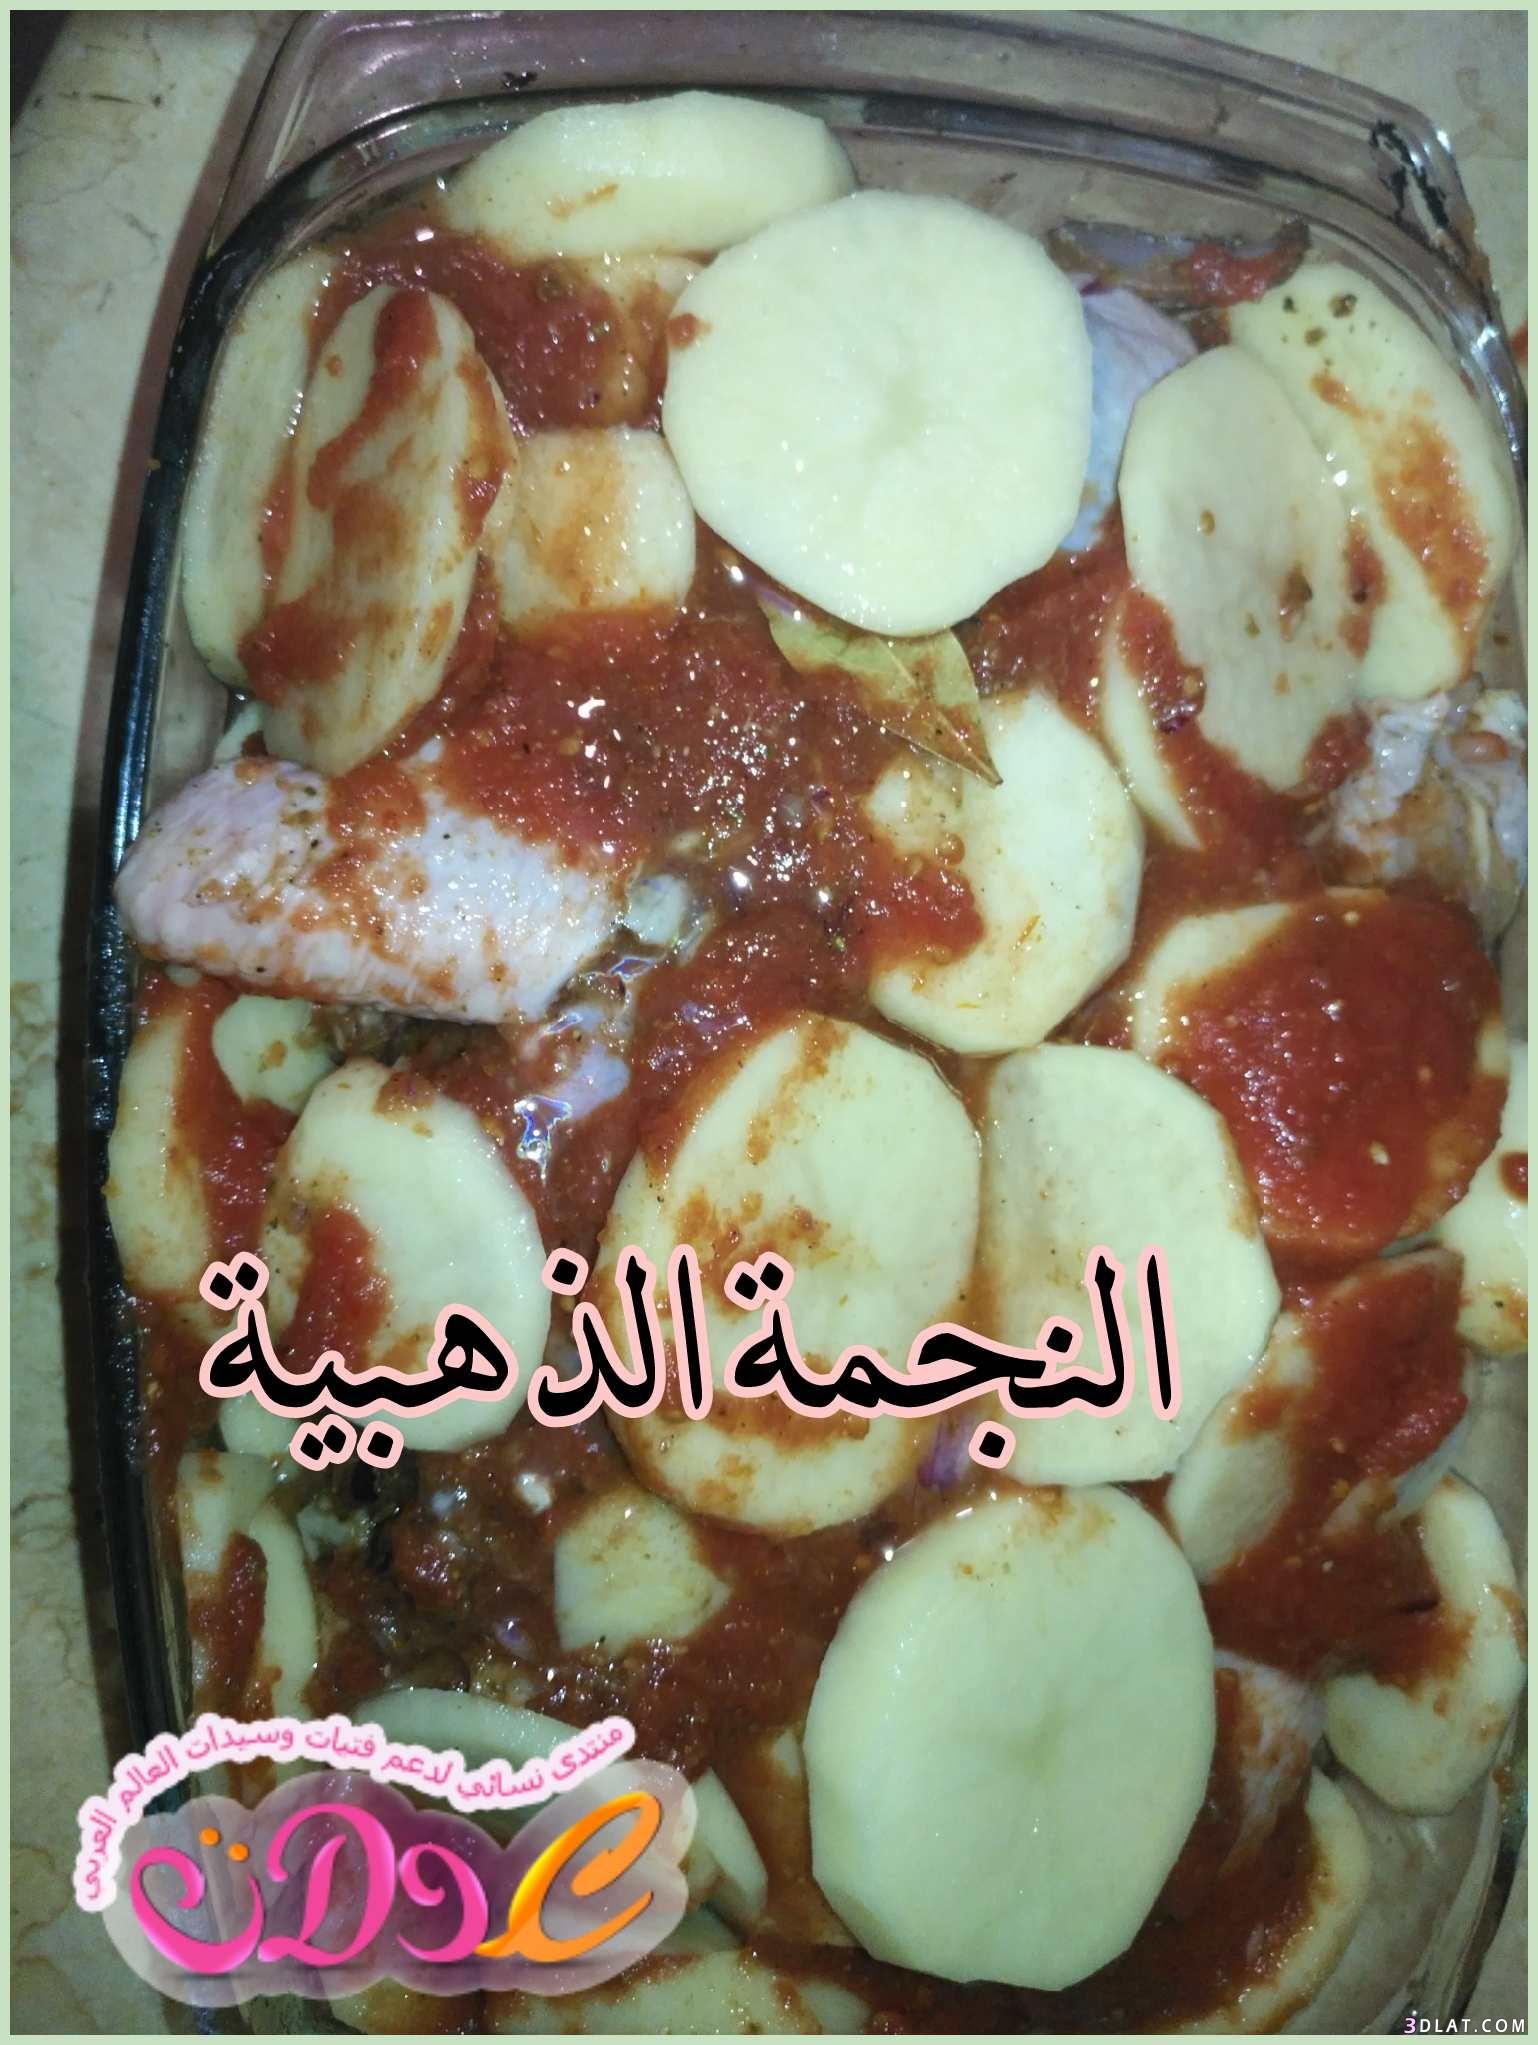 مطبخي صينية البطاطس بالفراخ المشوية الفرن 3dlat.com_31_18_fb21